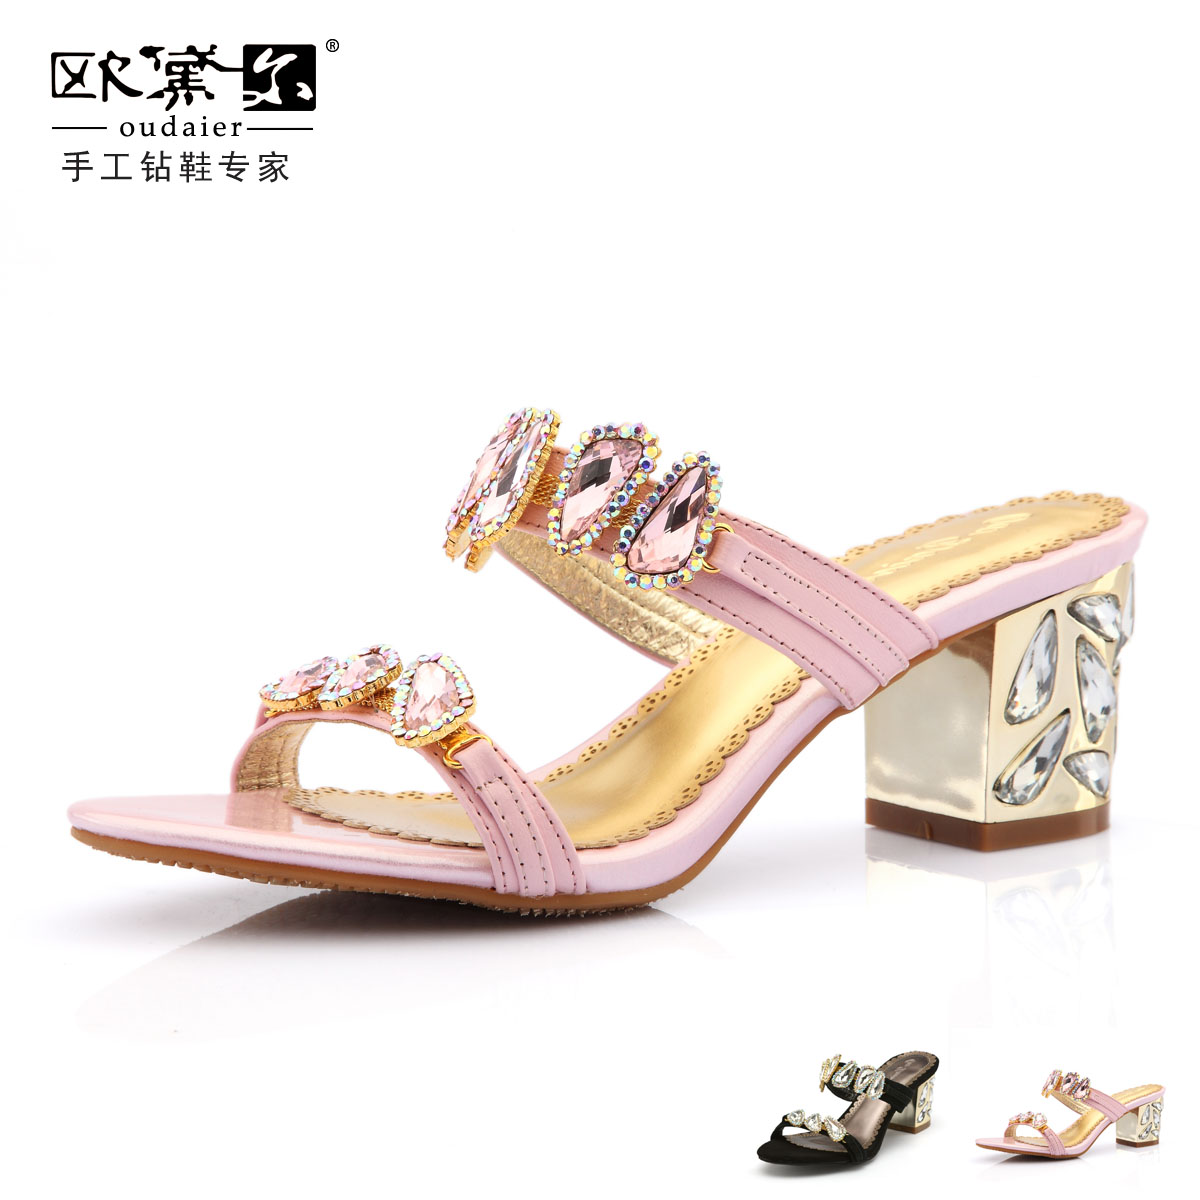 欧黛尔专营店女夏凉鞋 粗跟镶钻鞋女鞋真皮水钻粗高跟鞋凉拖鞋